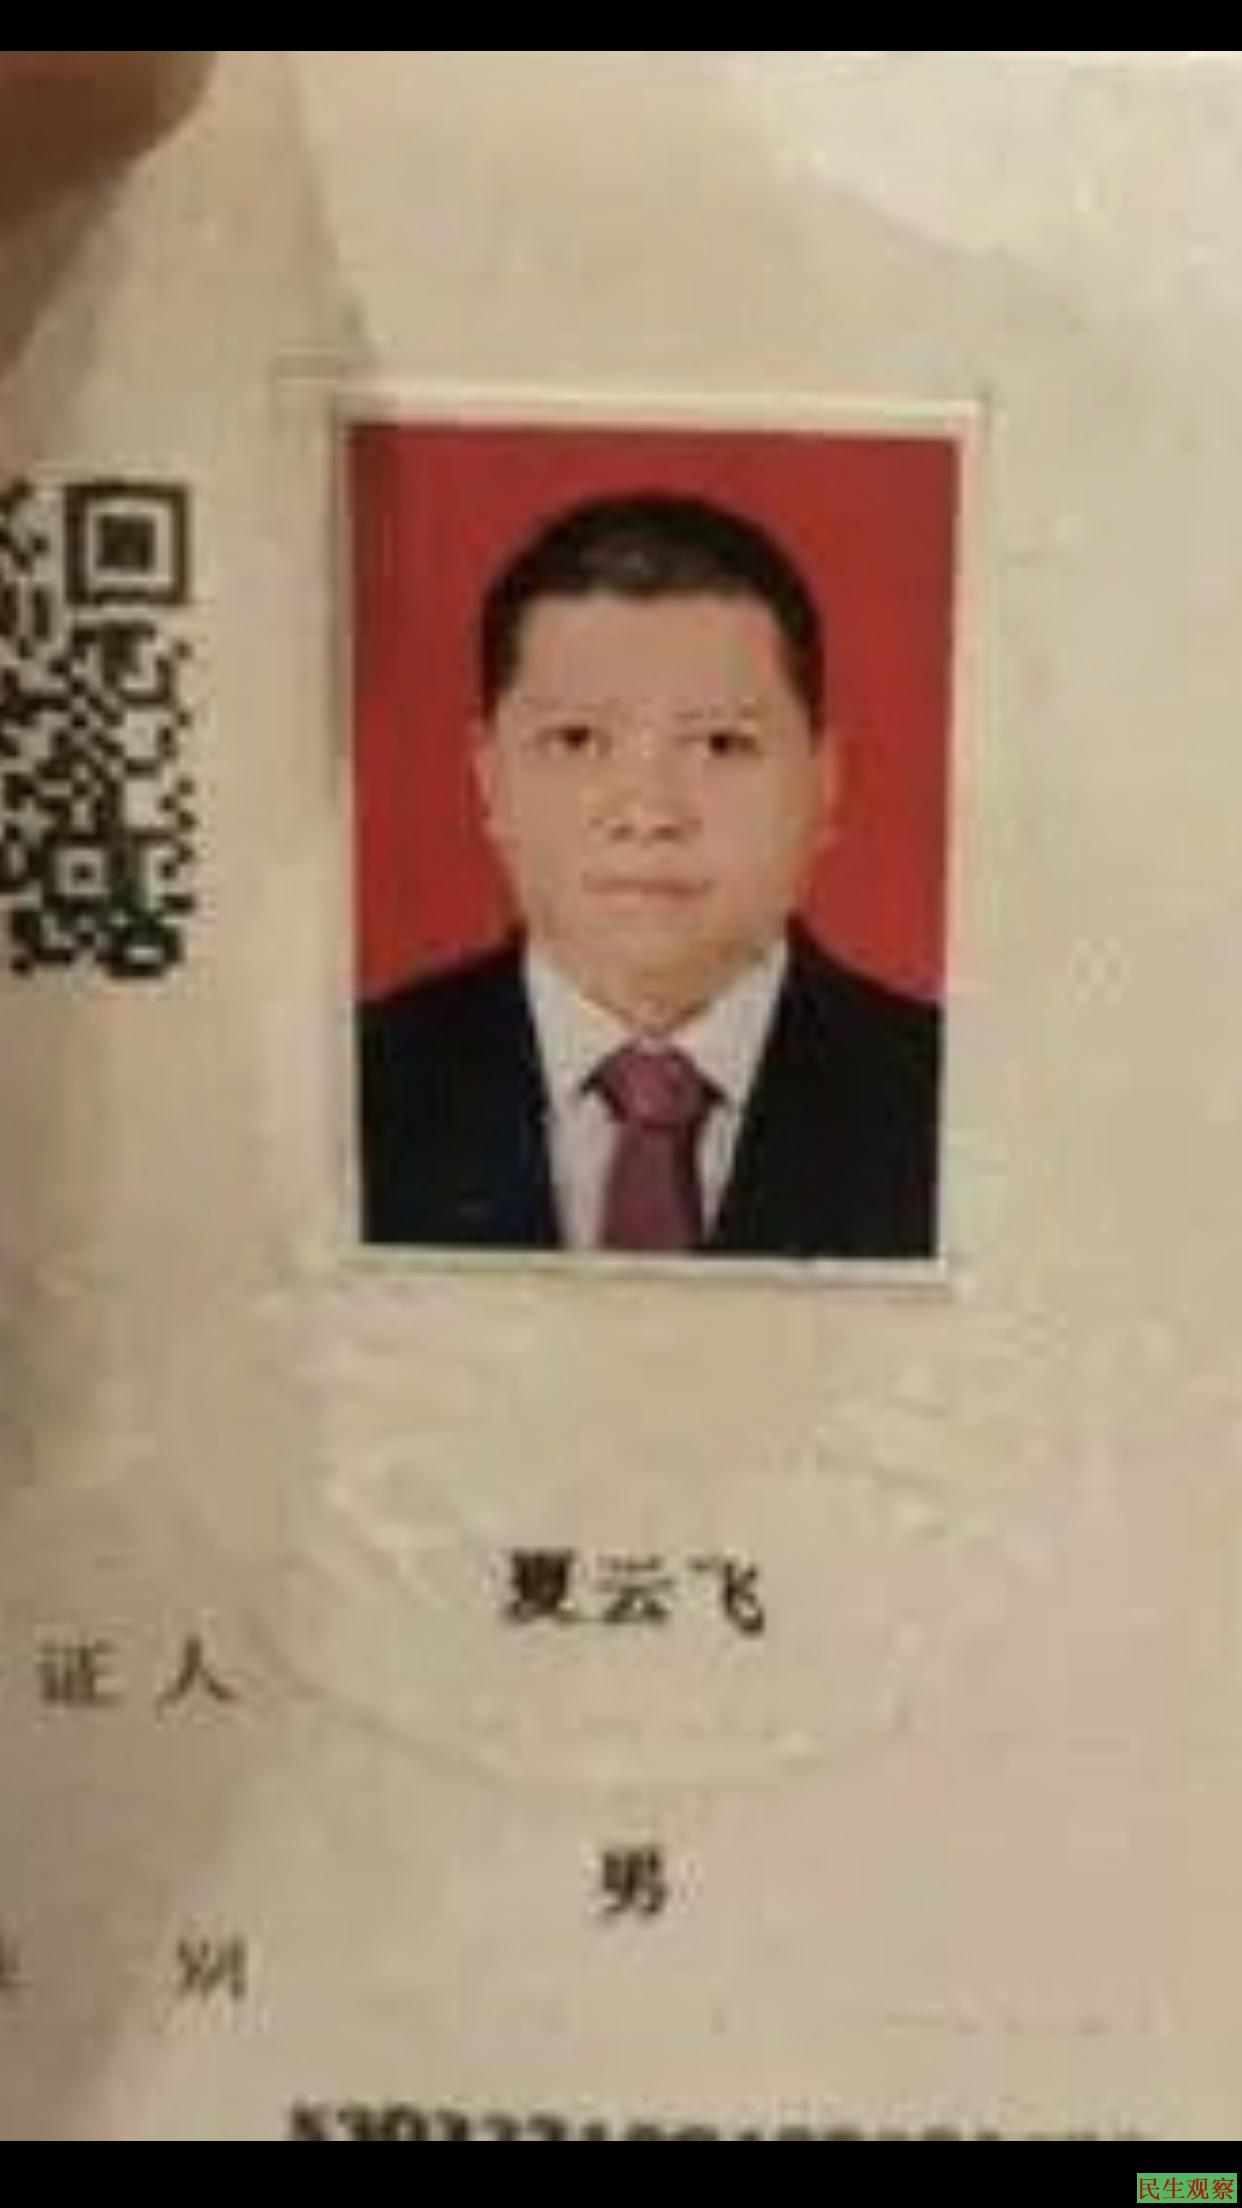 云南律师夏云飞被指涉黑一审获刑10年